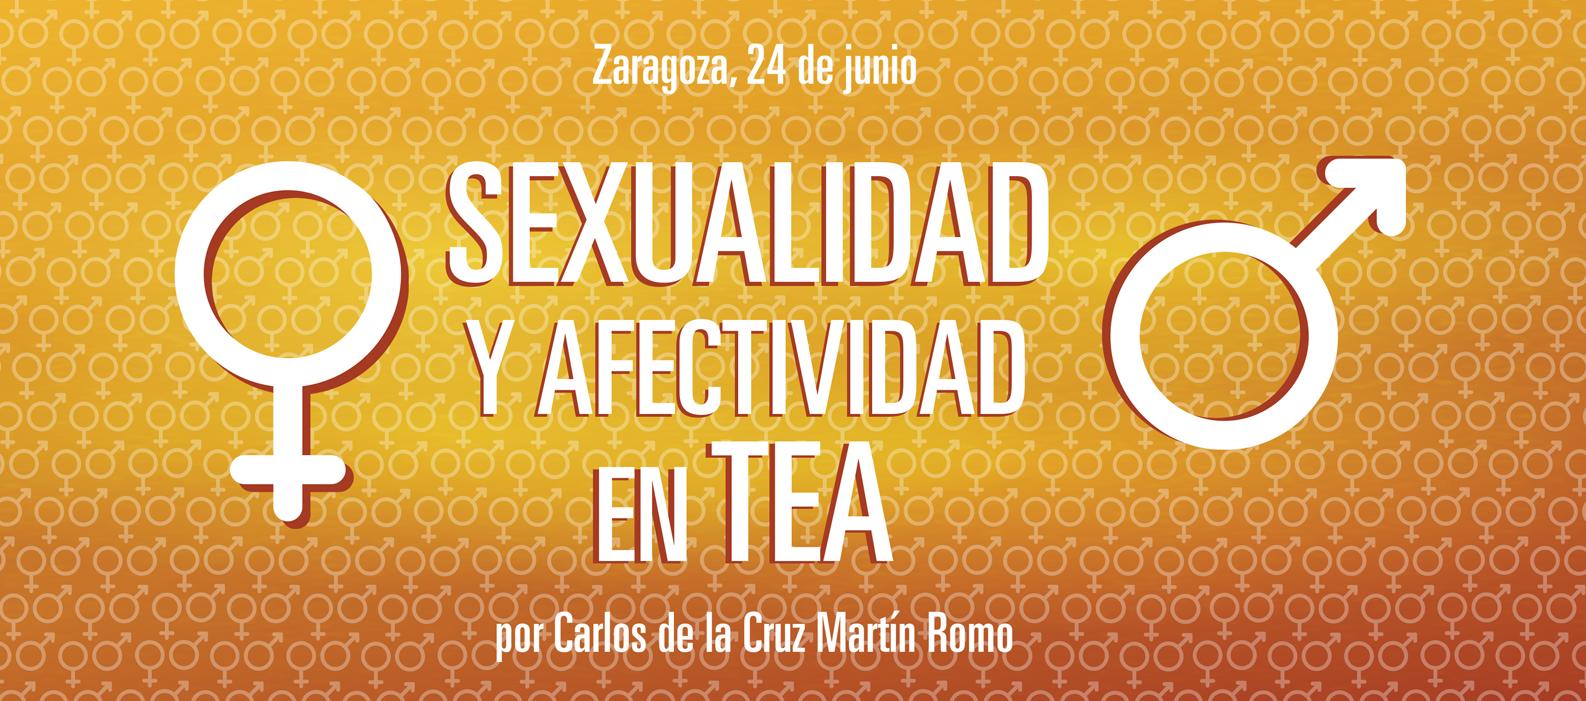 Sexualidad y Afectividad en TEA